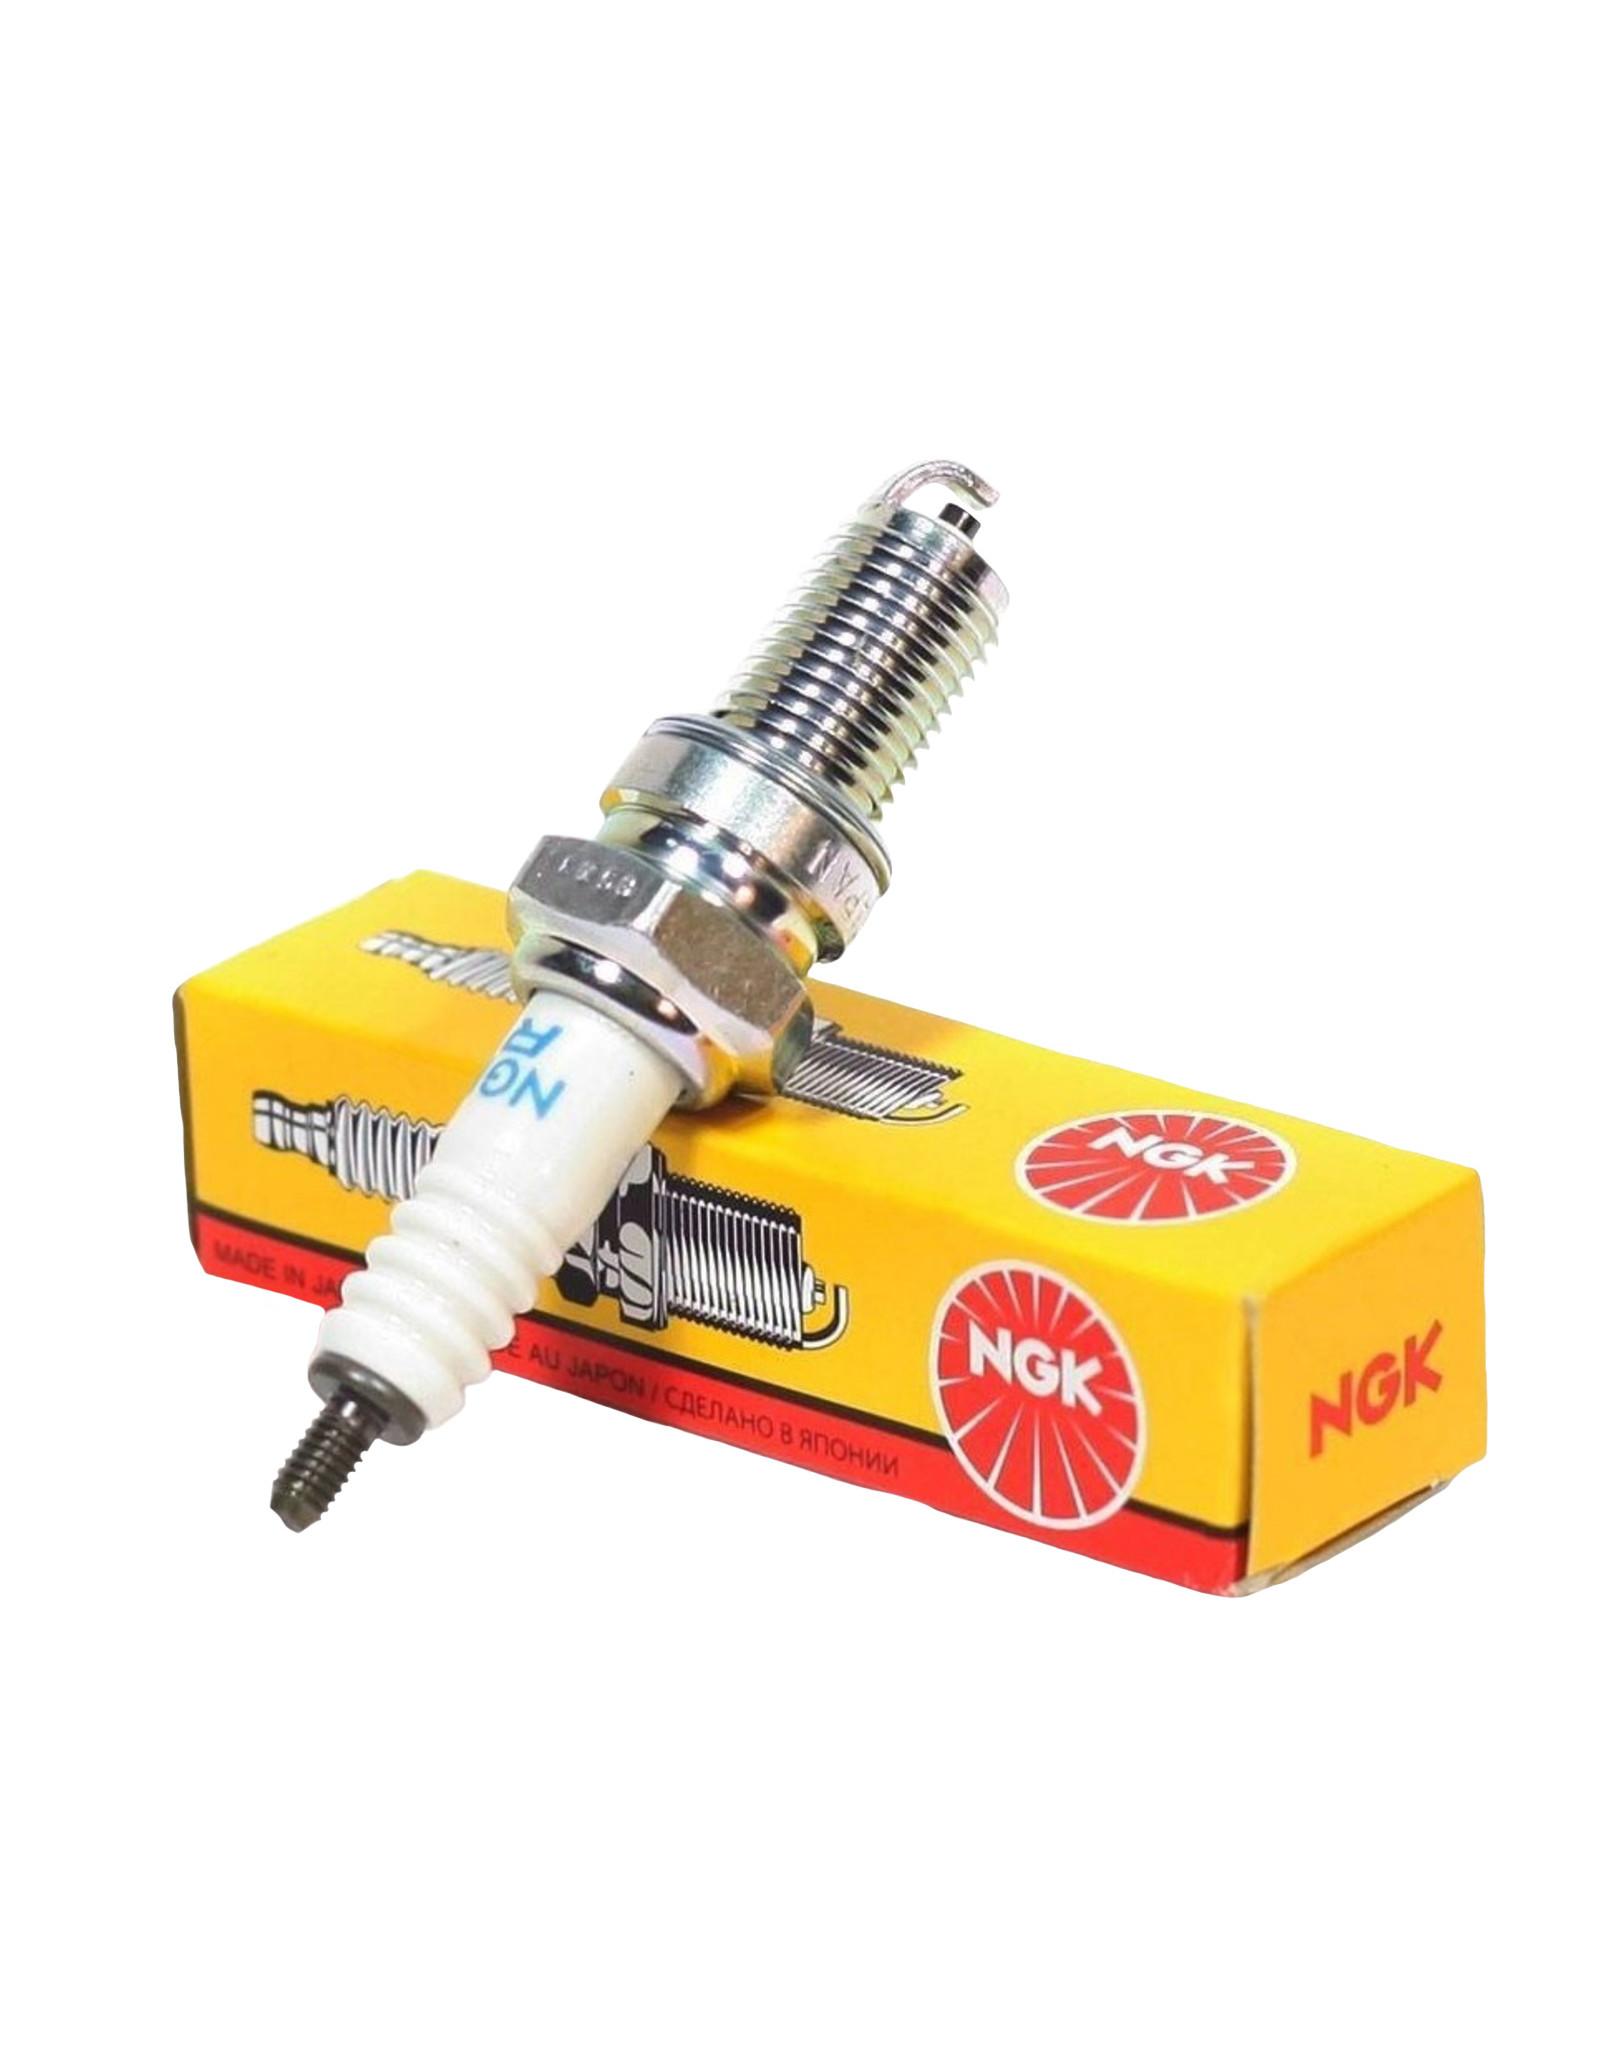 NKG Spark Plug  Tuono V4 / rsv4 rf CR9EKB